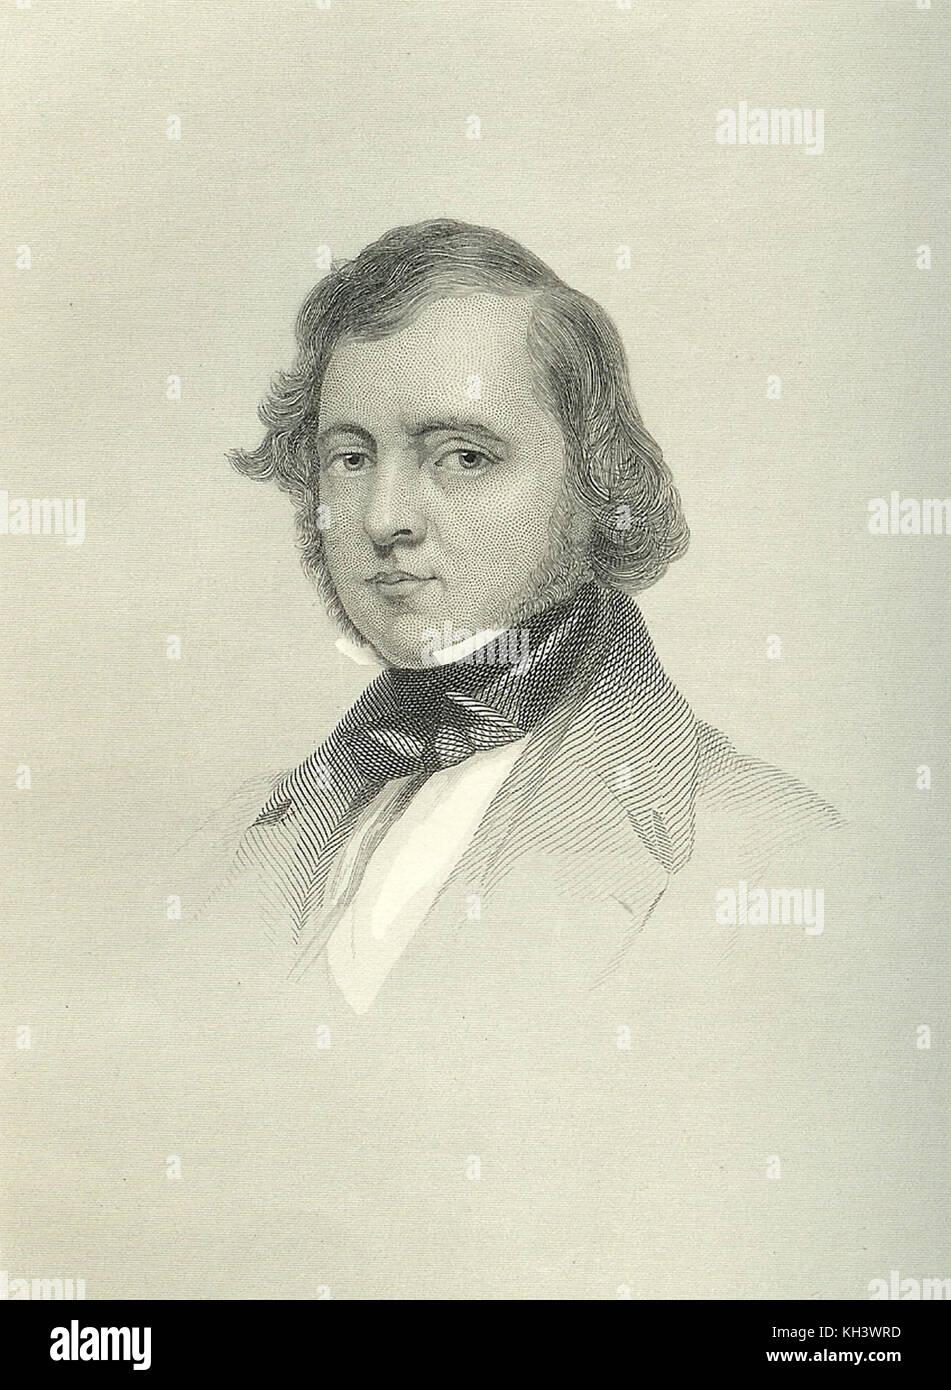 Samuel amante, cantautore irlandese, compositore, scrittore e pittore, nonno di Victor Herbert Immagini Stock